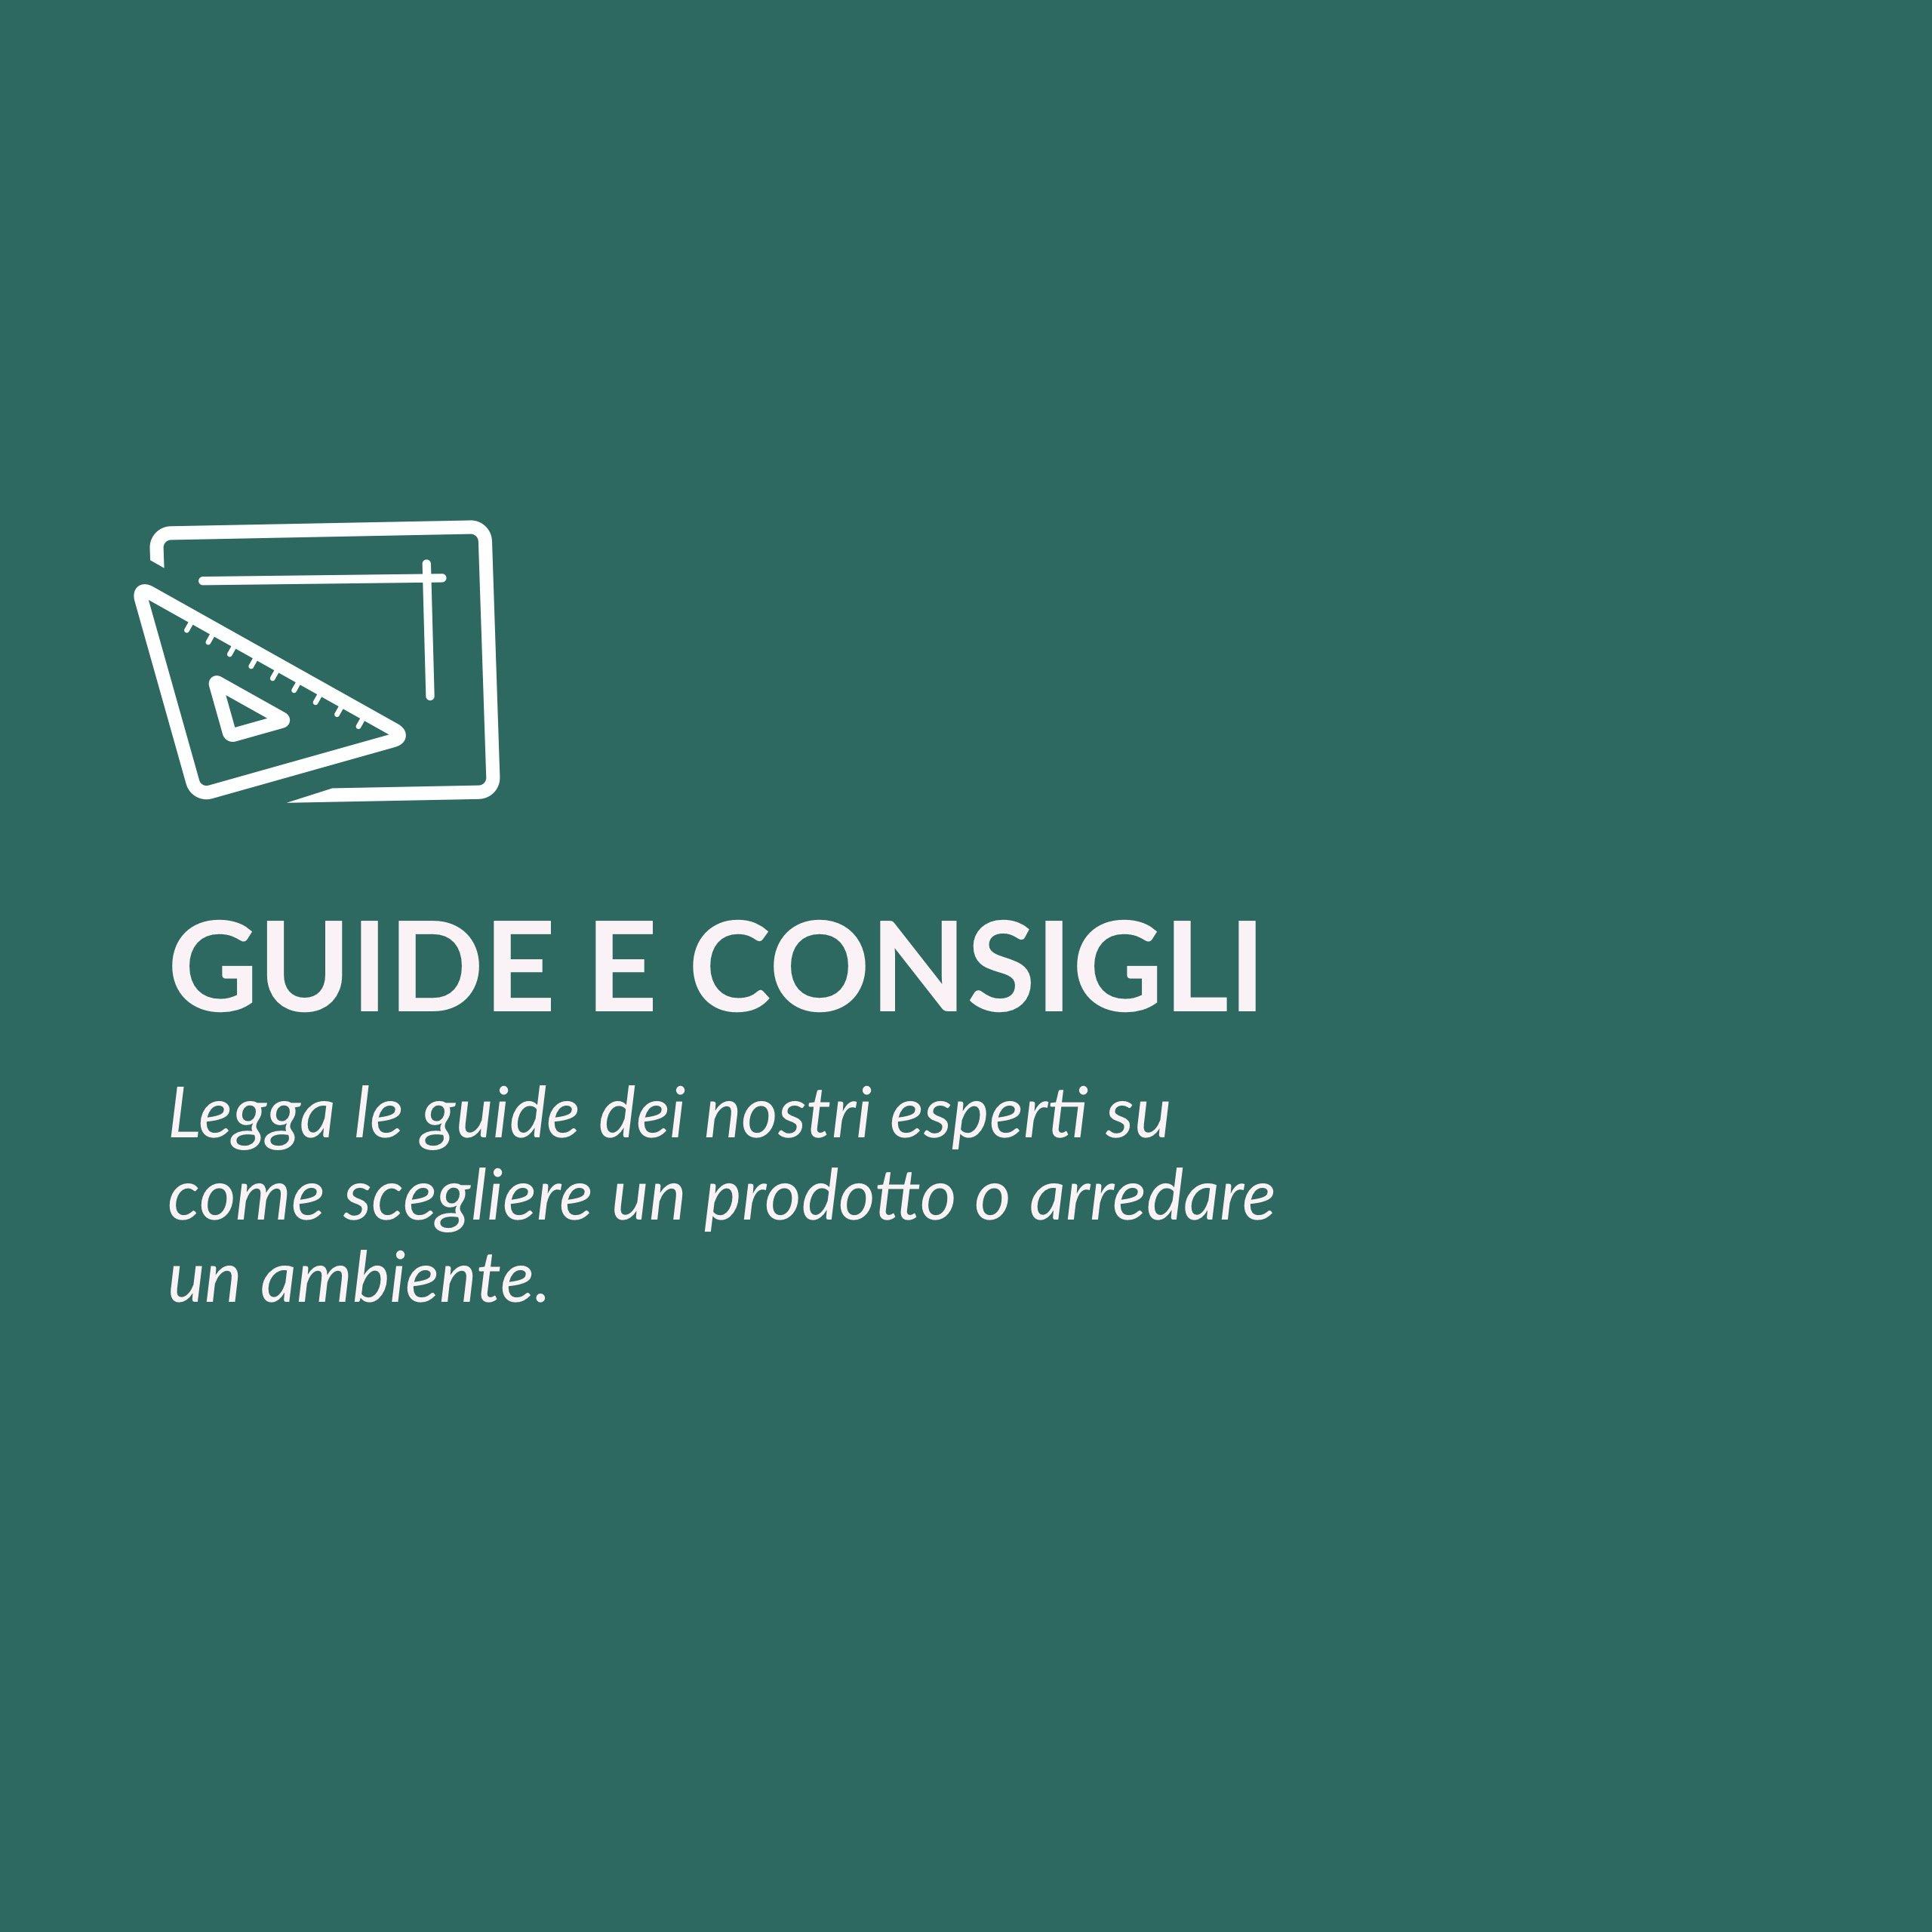 Guide e consigli,